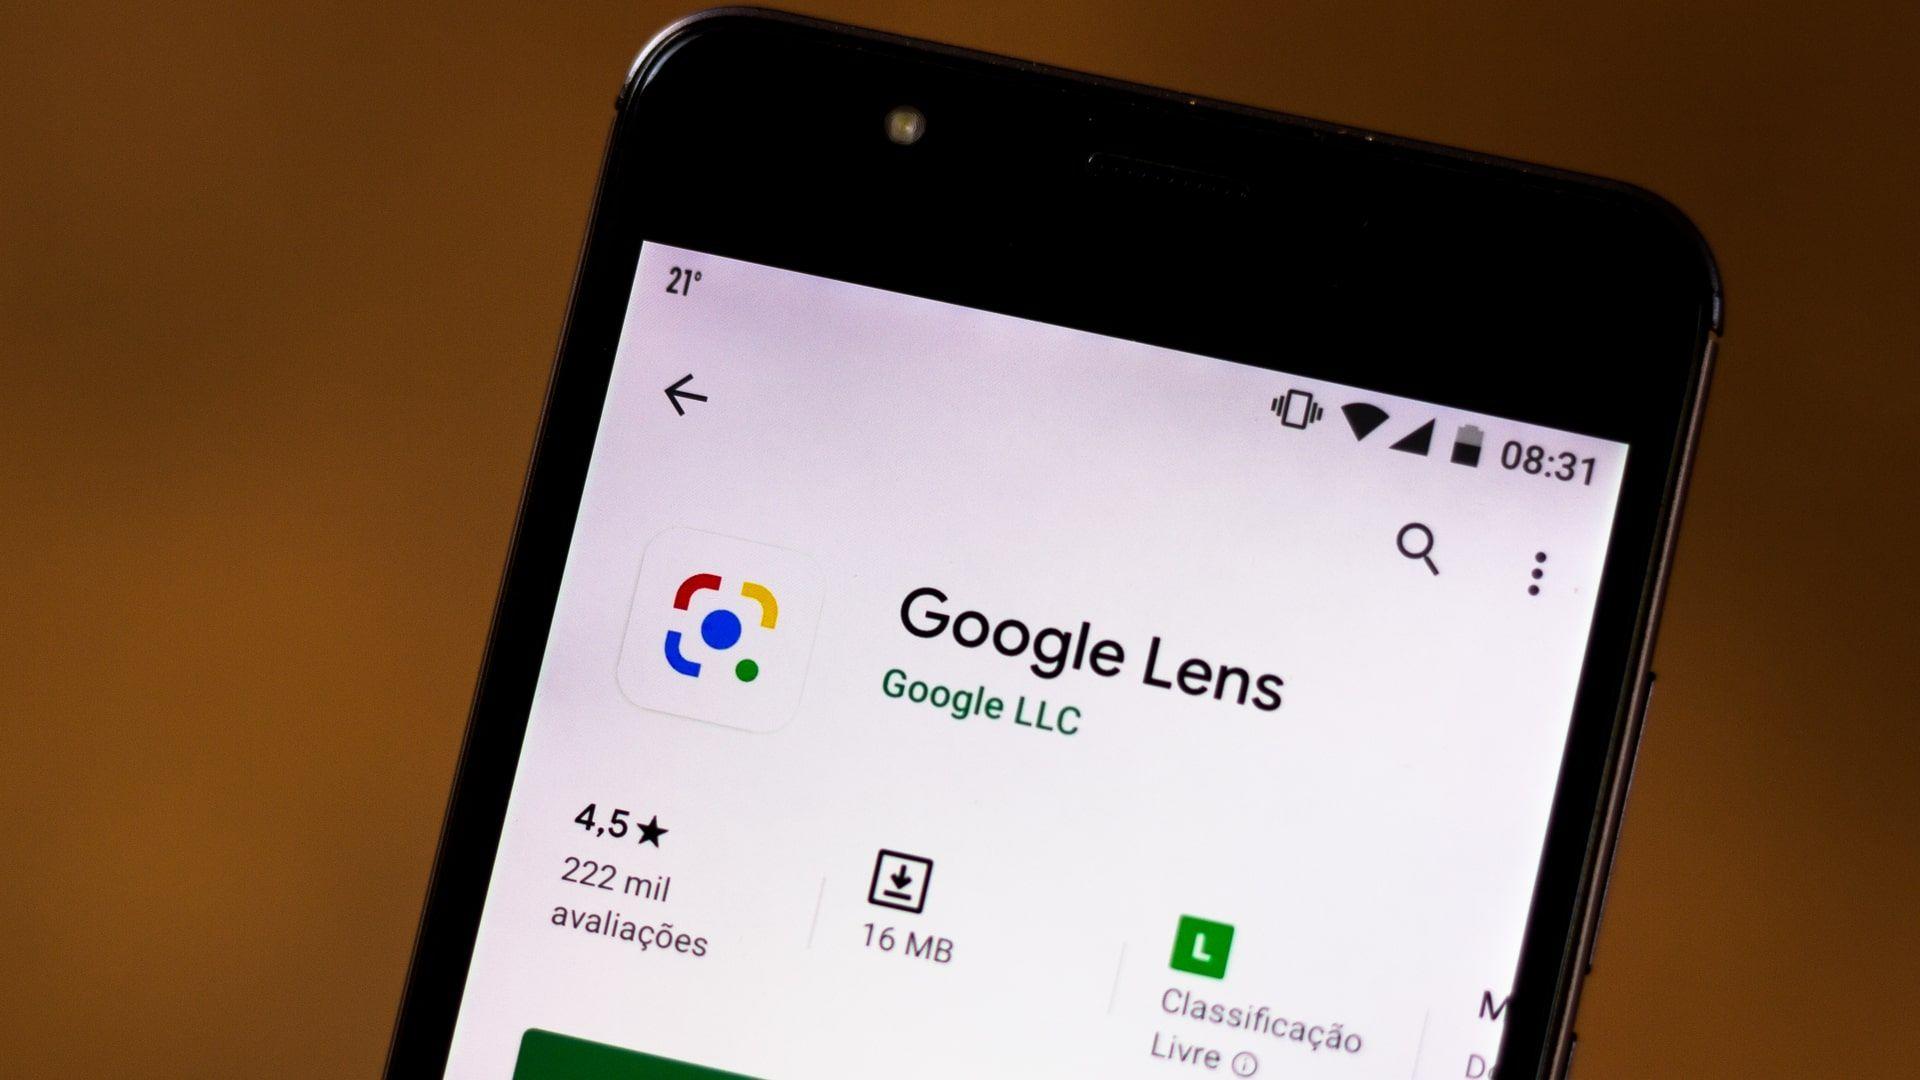 App do Google Lens pode ser baixado na maioria dos celulares Android atuais (Foto: Shutterstock)